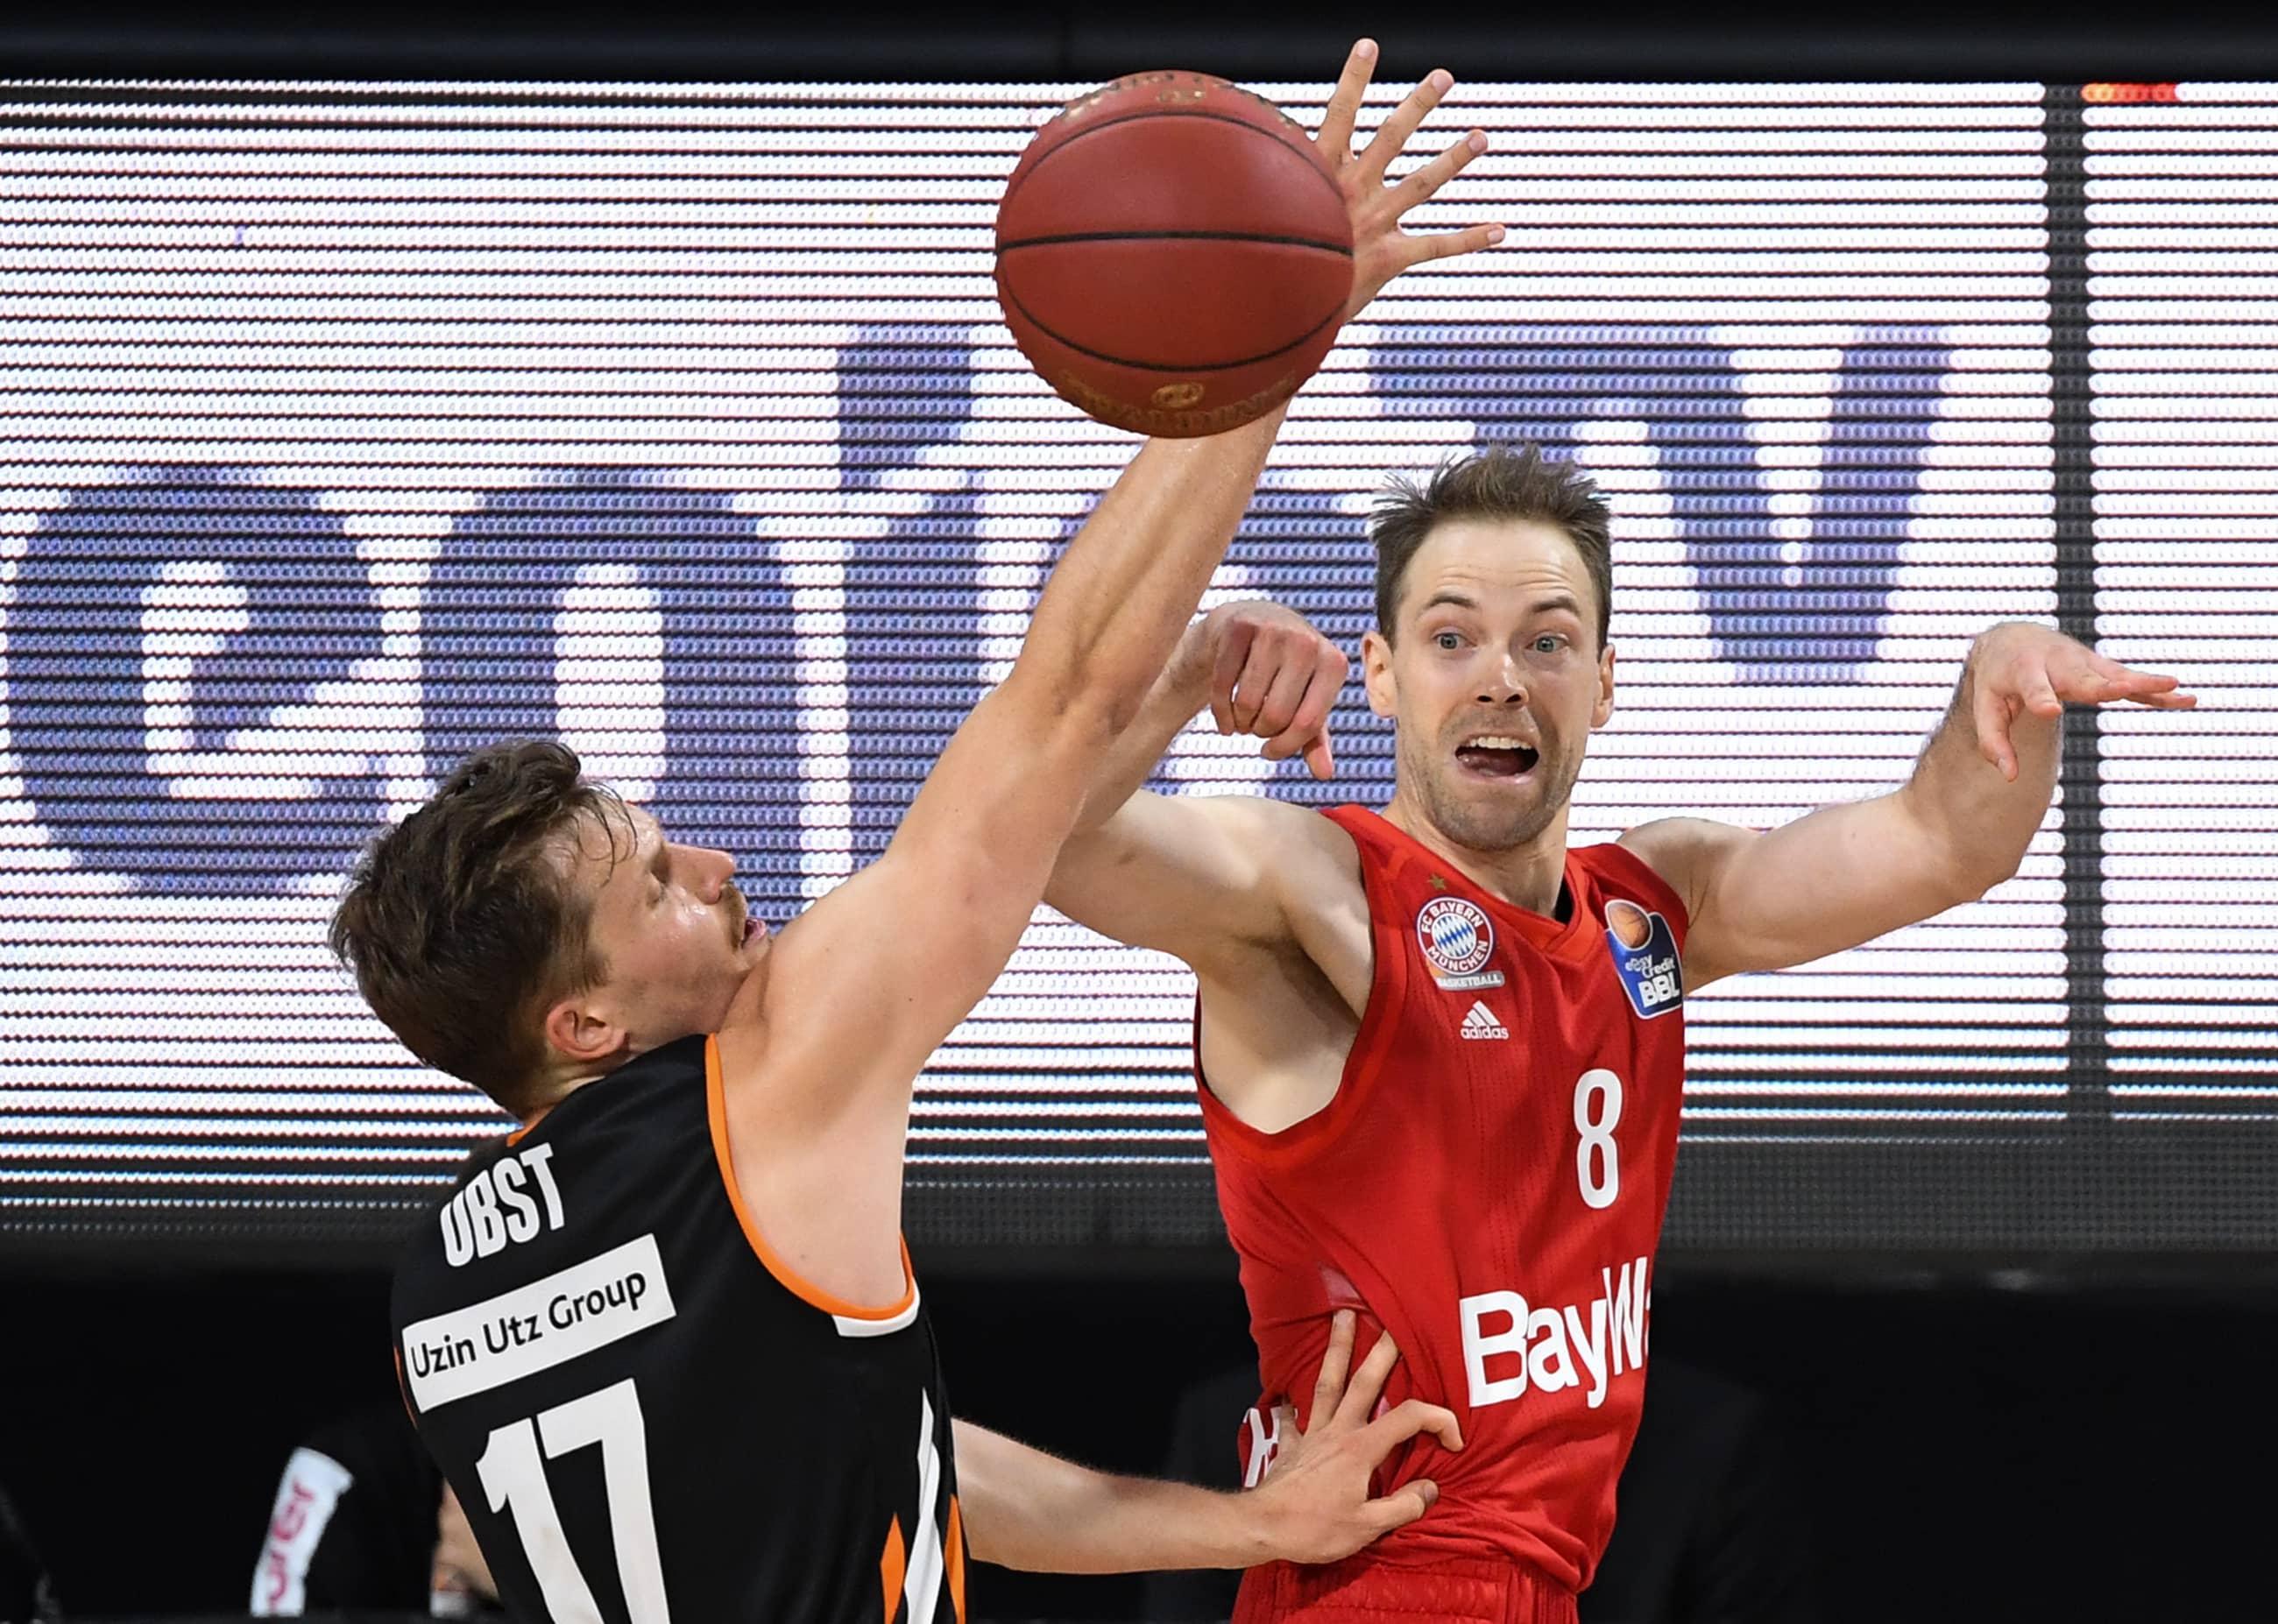 Ulmin Andreas Obst yrittää estää Bayernin Petteri Koposen syöttöyritystä.